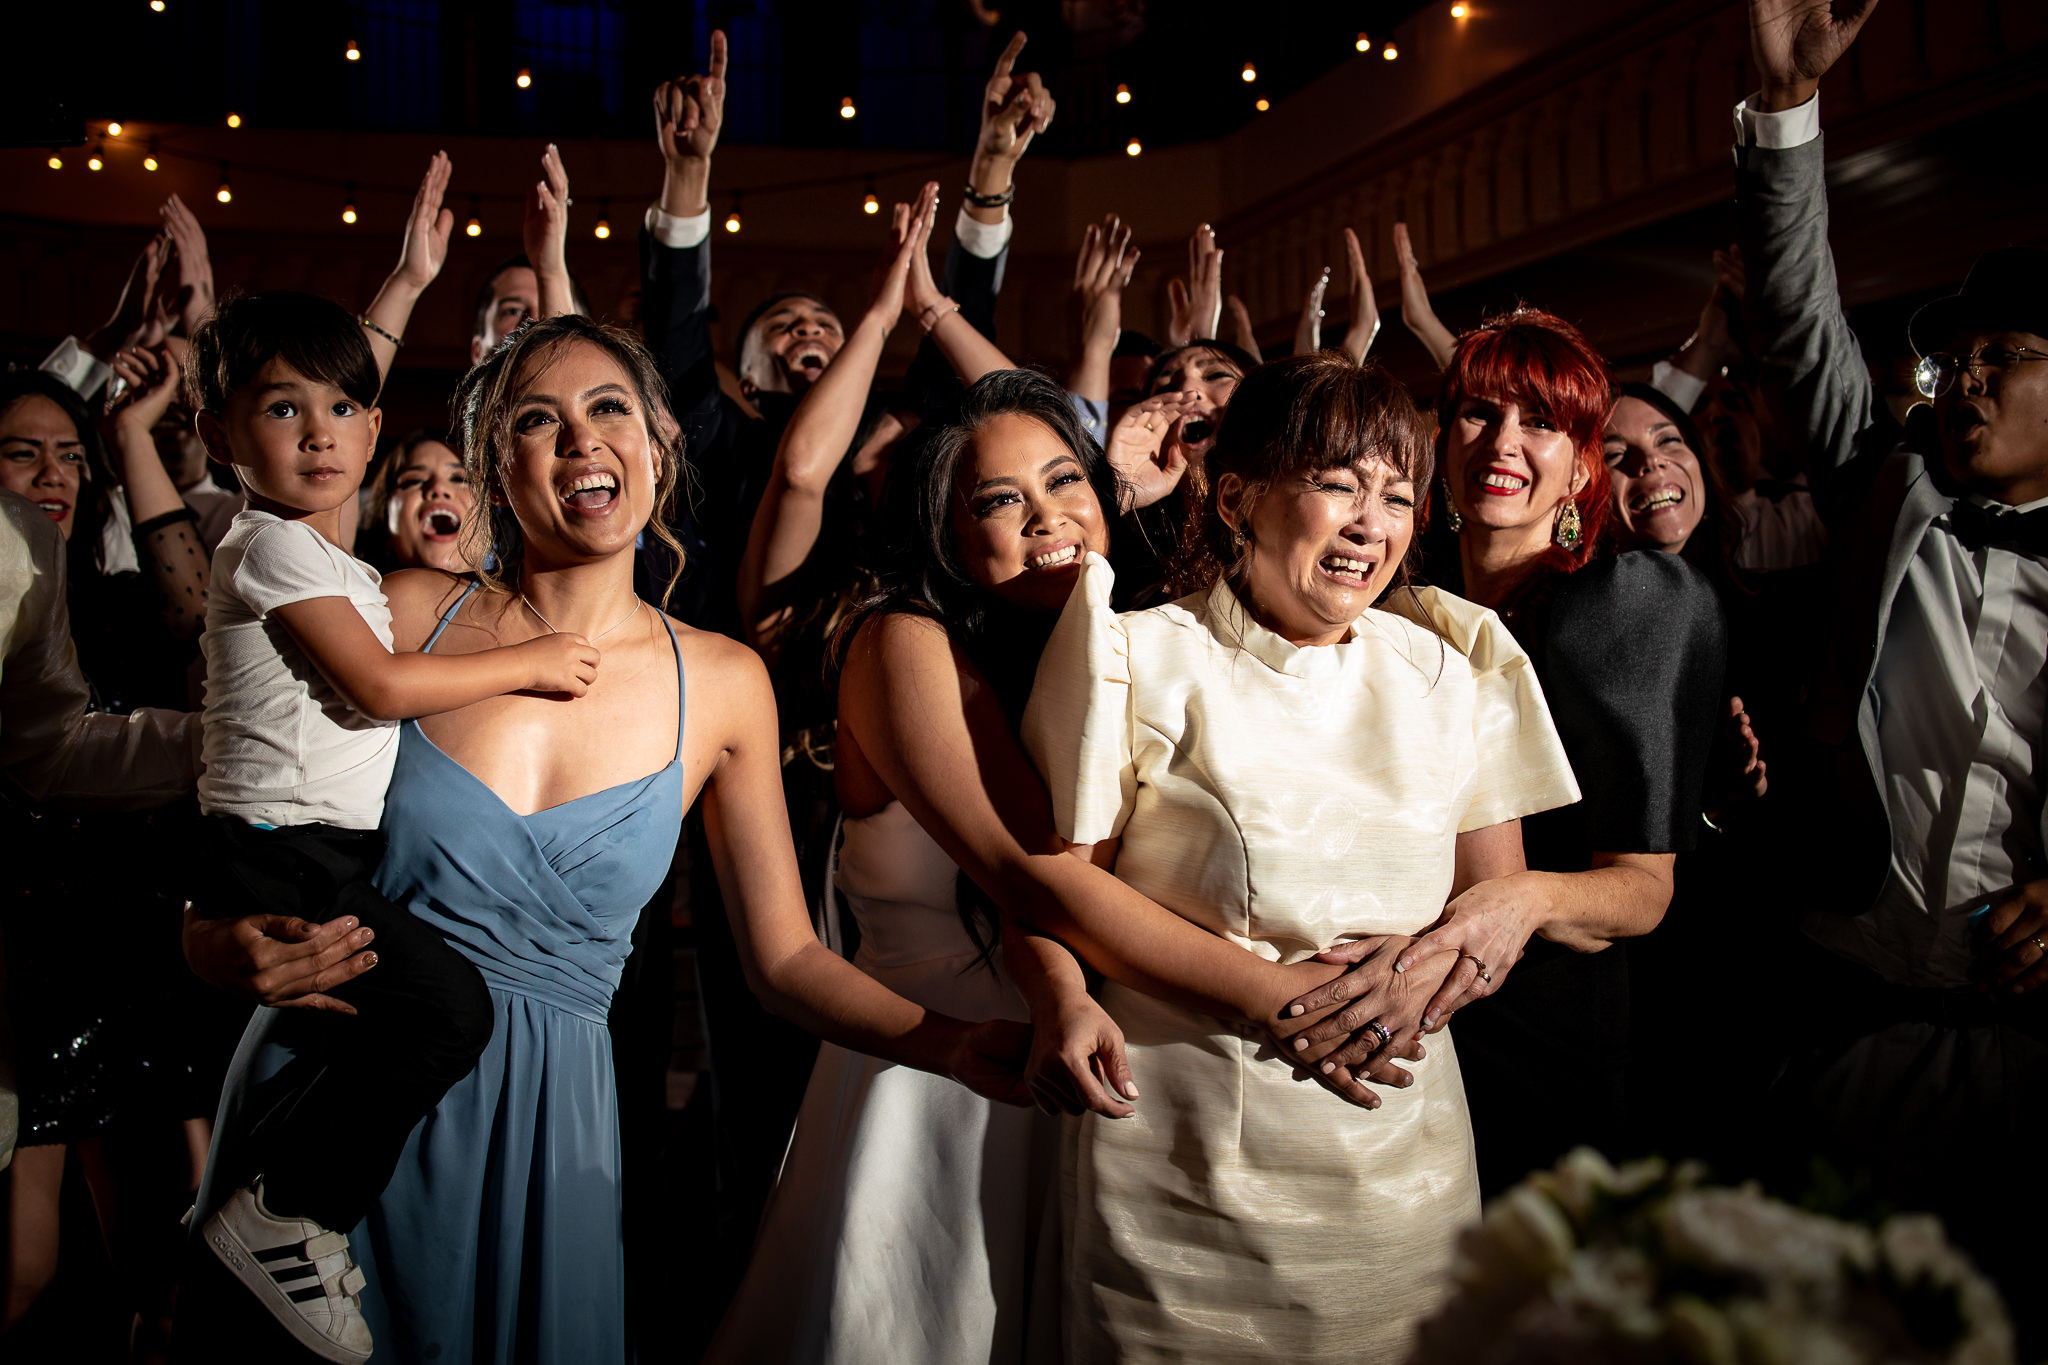 berkeley-wedding-photos-69.jpg